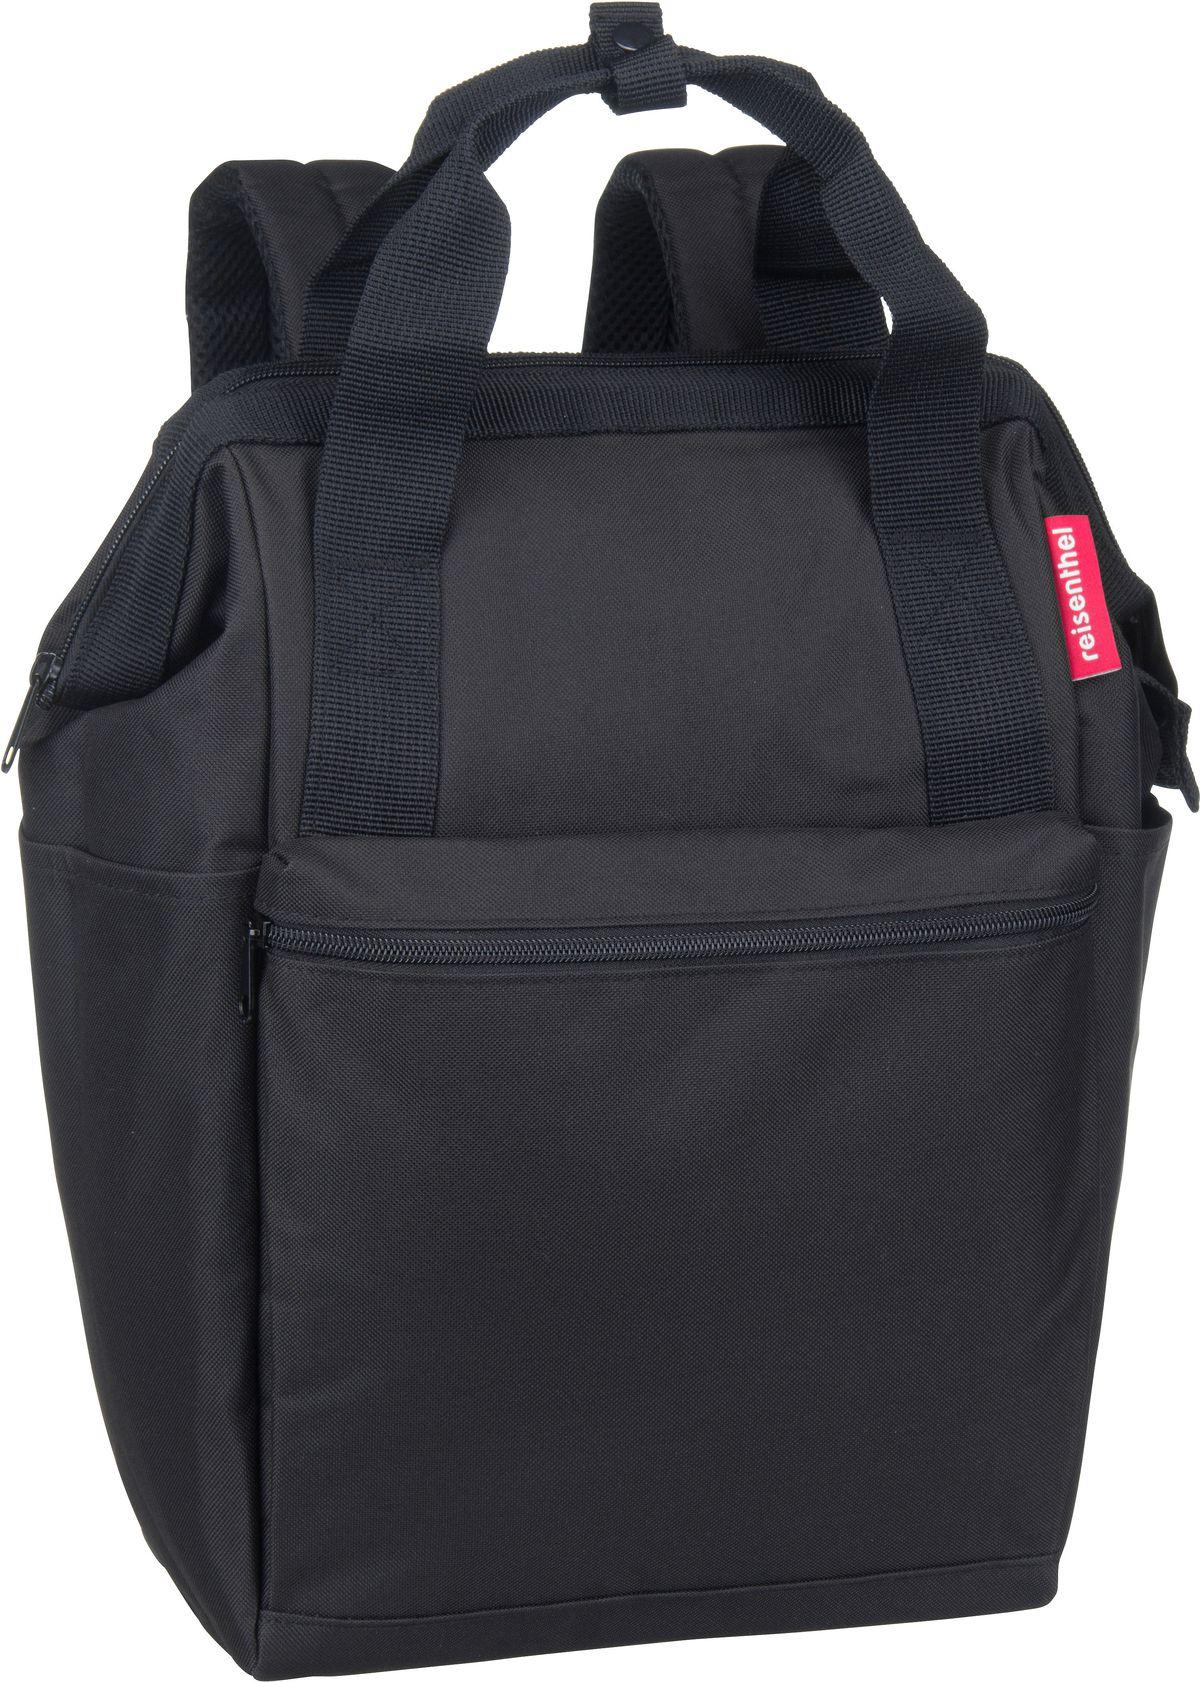 Rucksack / Daypack allrounder R iso Black (12 Liter)